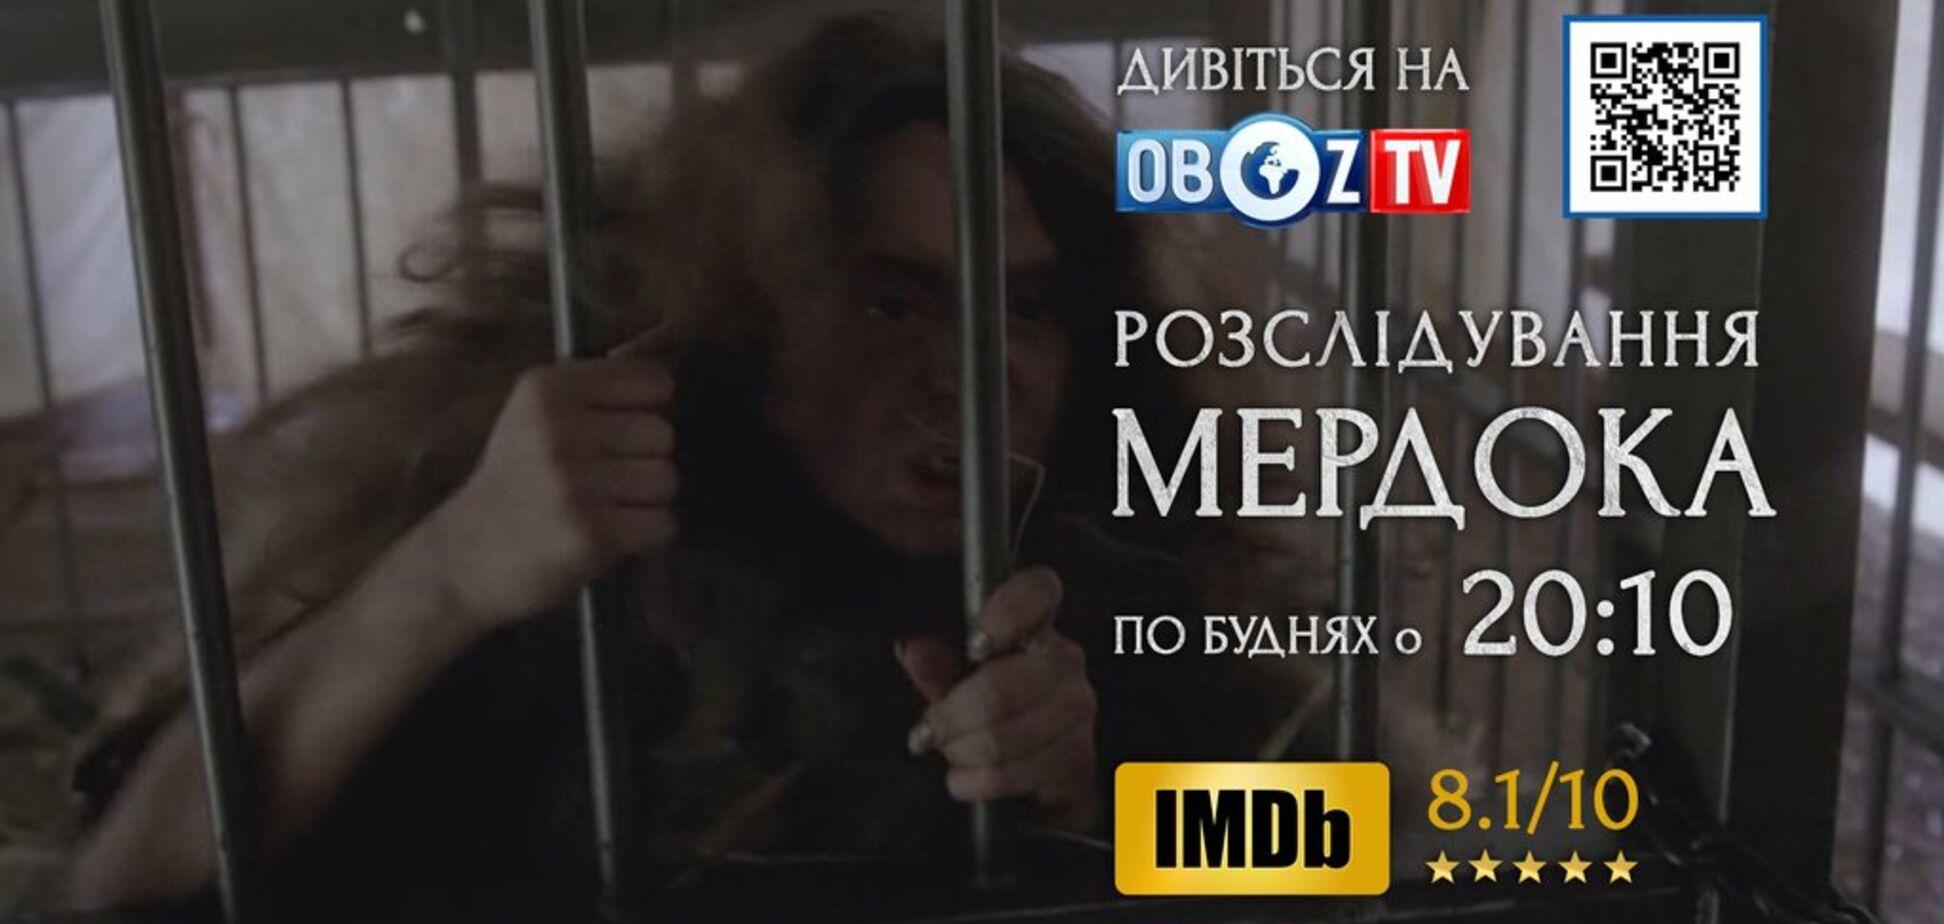 Дивіться на ObozTV серіал 'Розслідування Мердока' – серія 'Дика дитина'